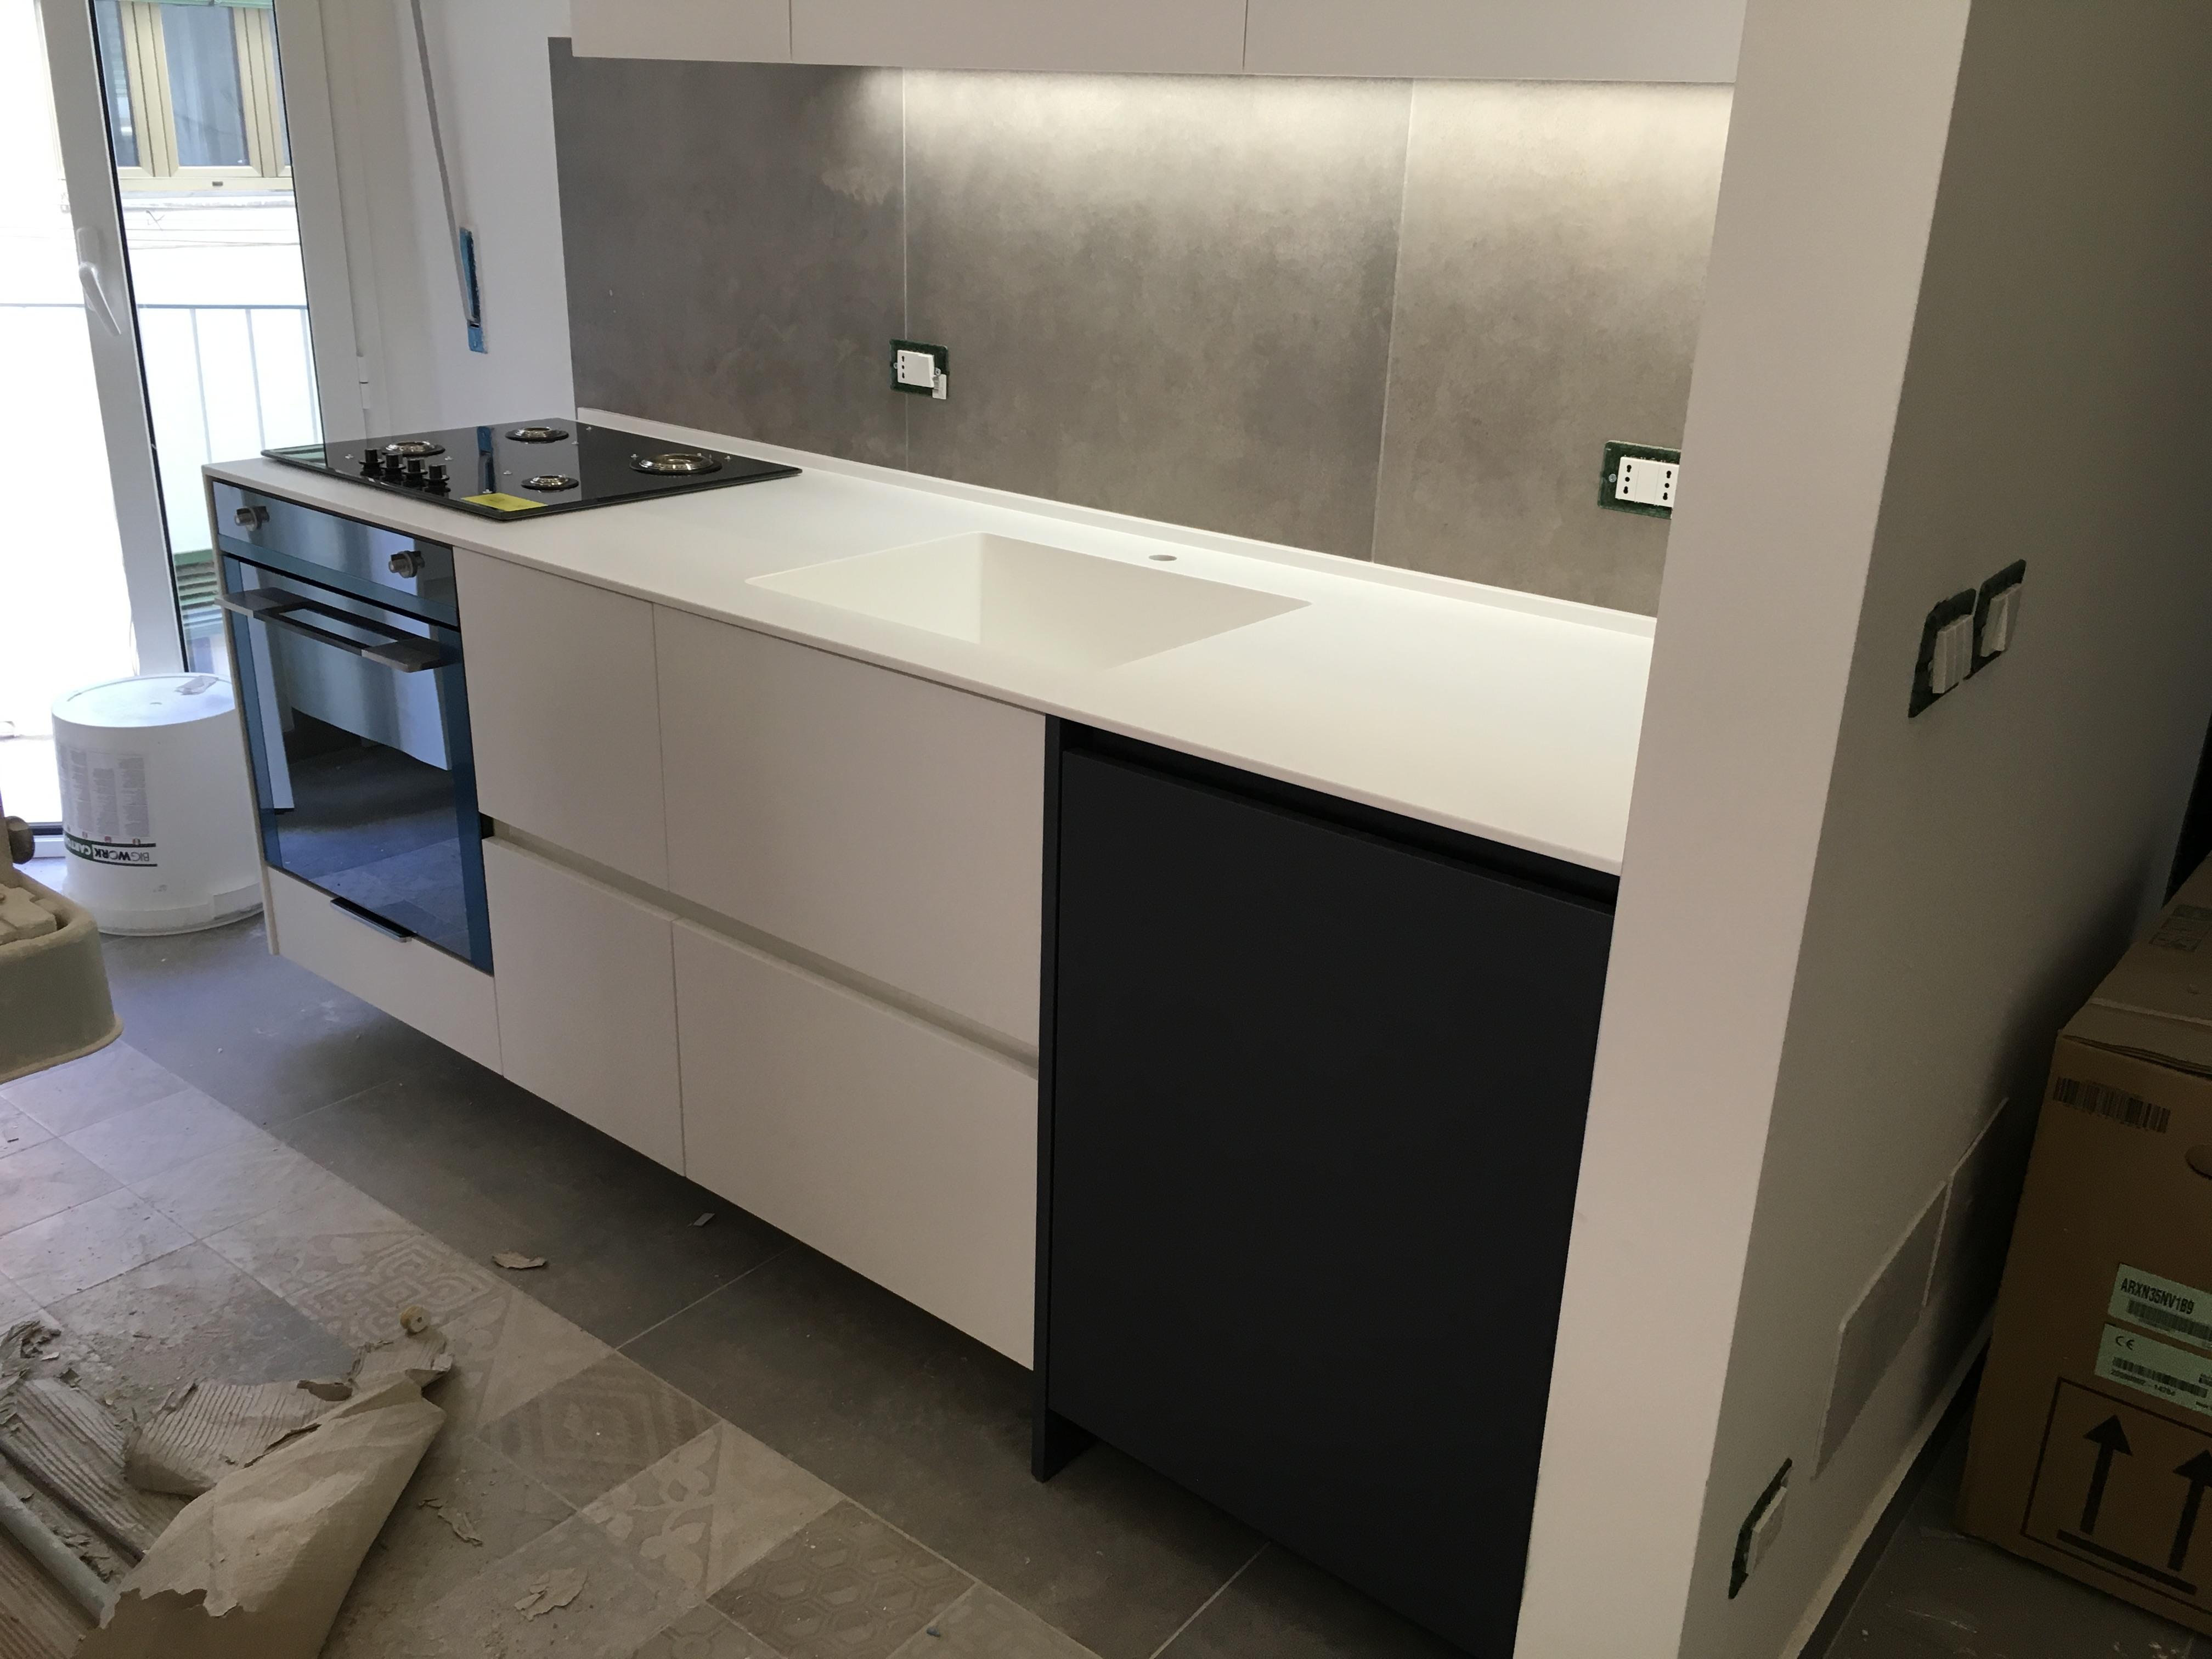 Idea risparmio ristrutturare una cucina sostituendo il top topstonedesign - Ristrutturare una cucina ...